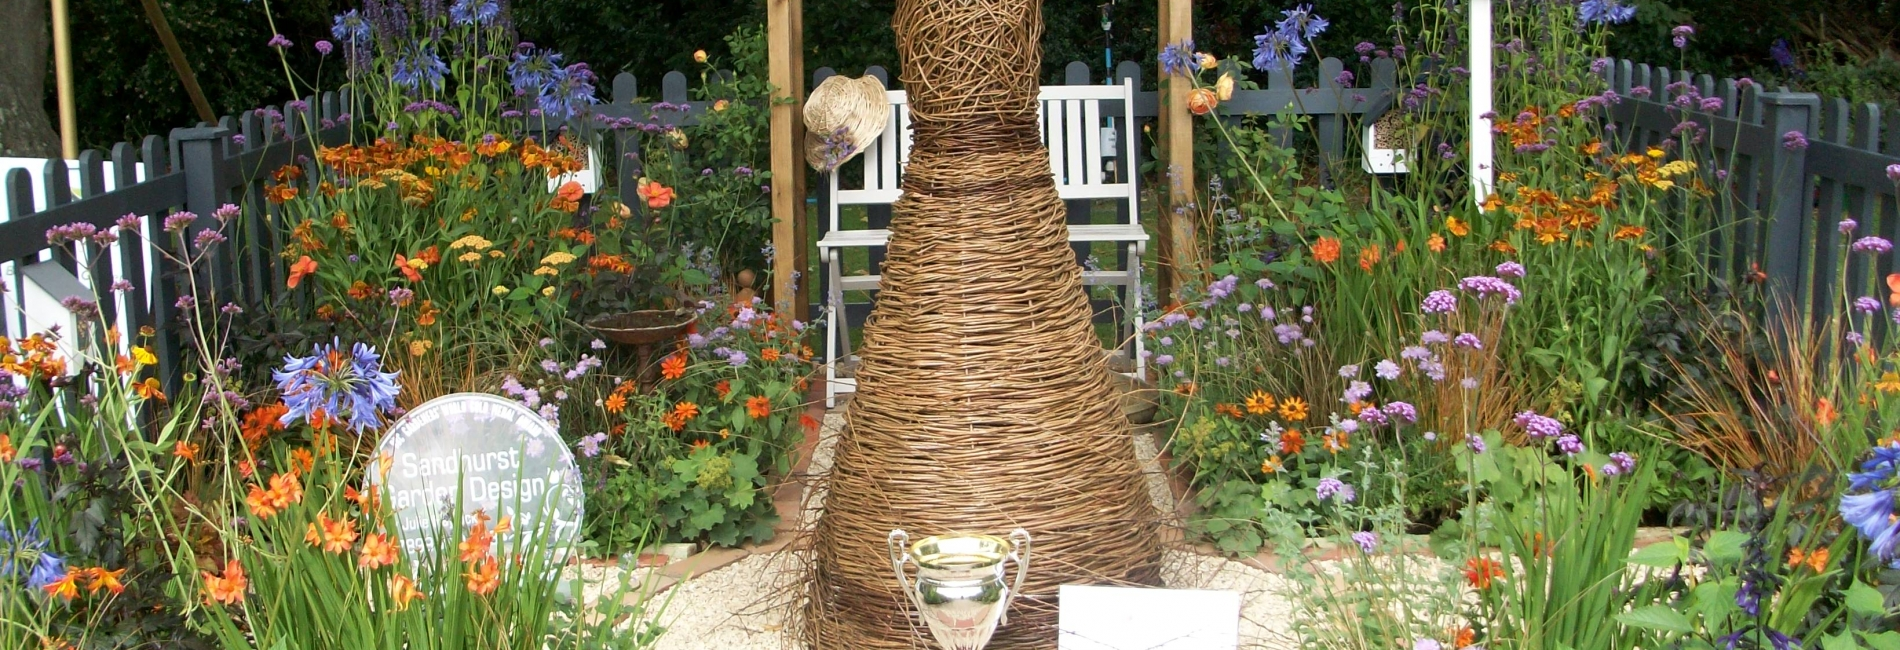 Sandhurst Garden Design